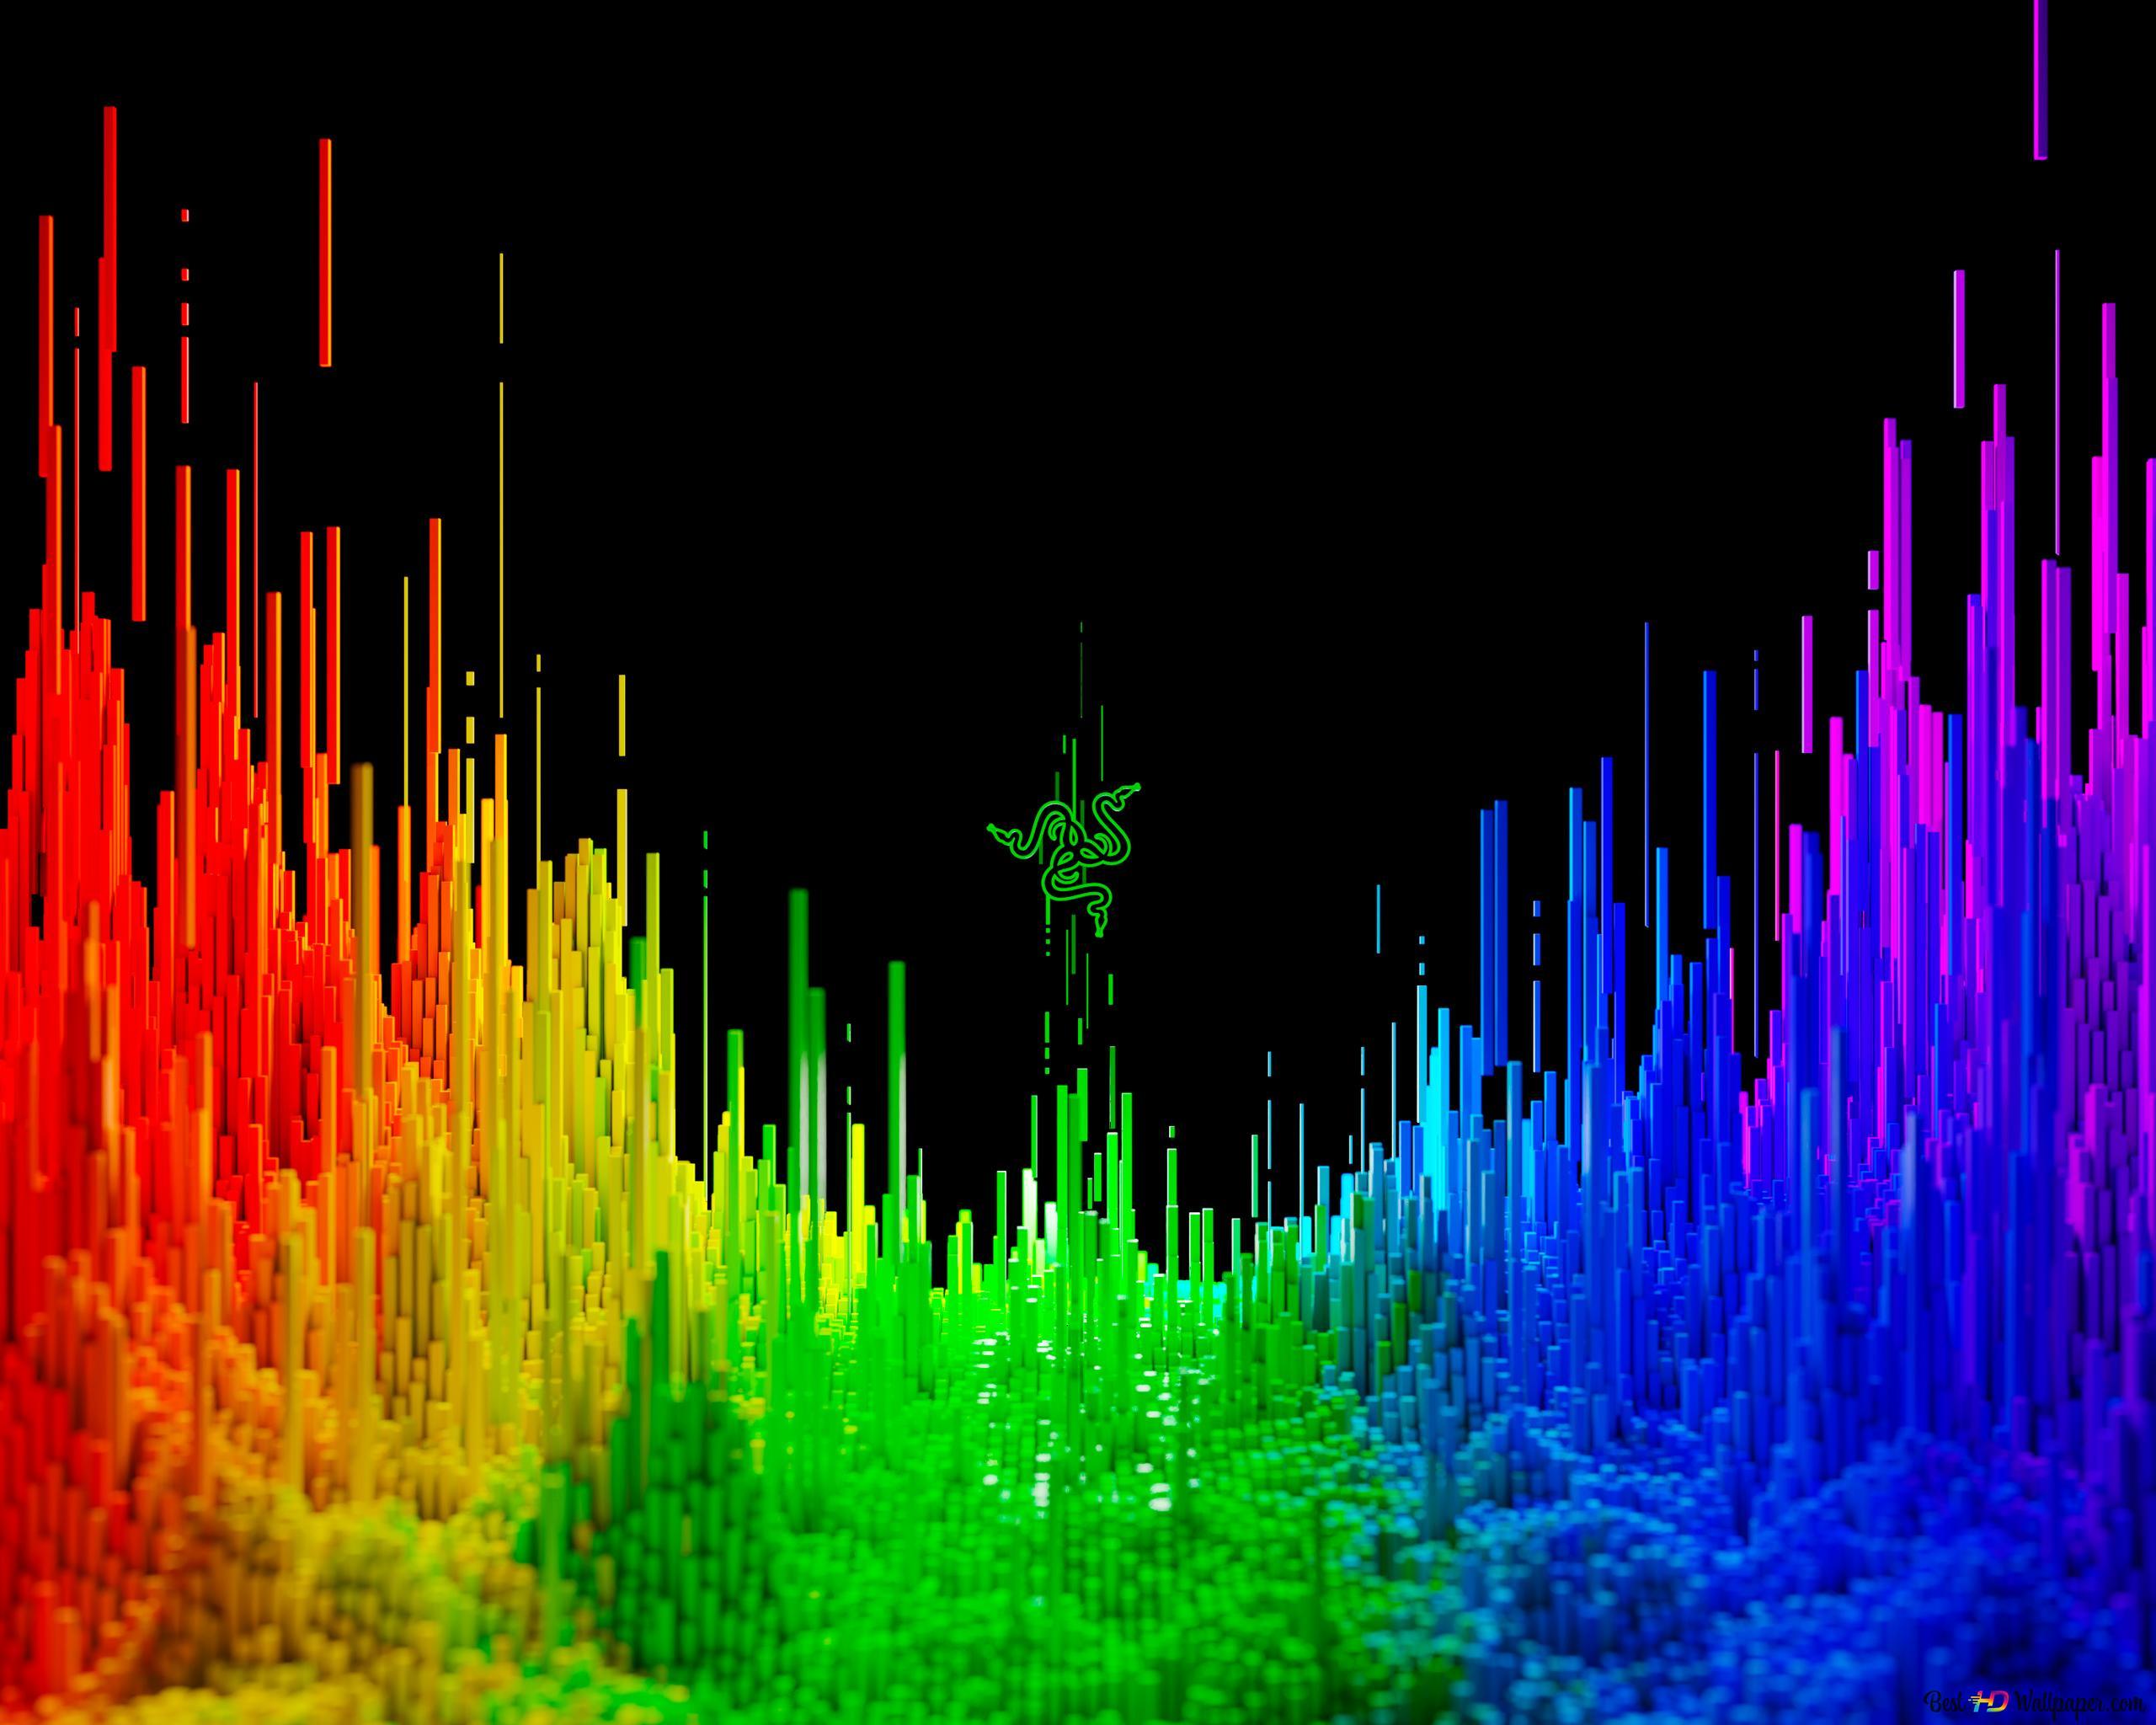 Razer tecnologia 3d sfondo arcobaleno download di sfondi hd for Sfondi razer